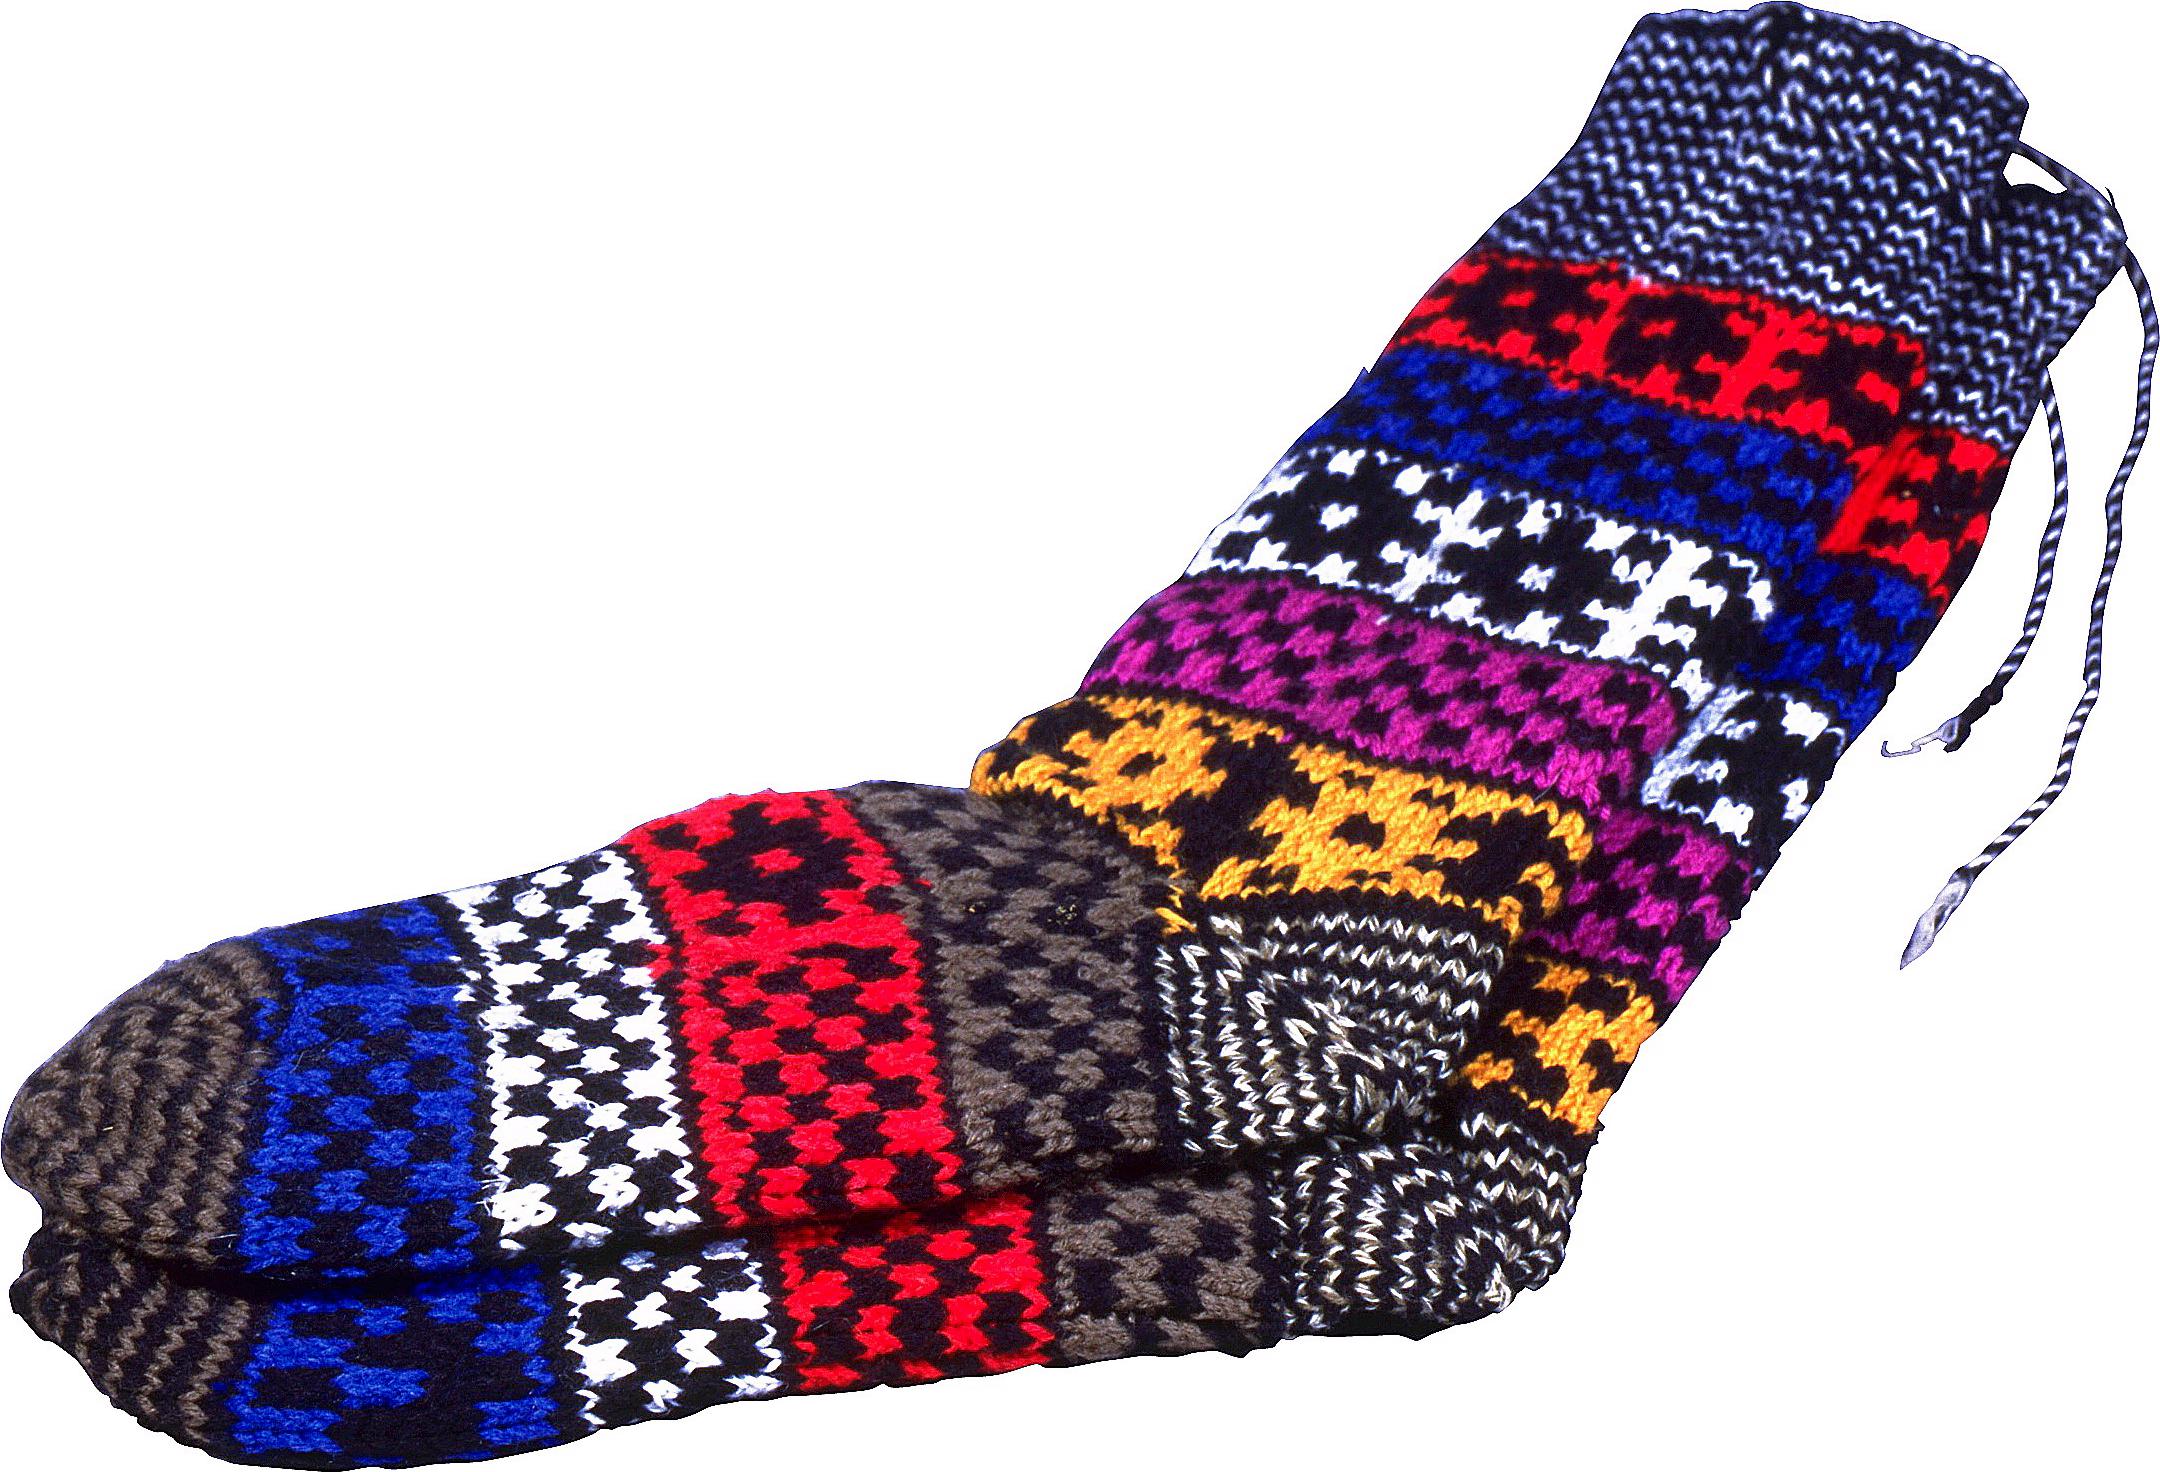 knitting clipart knitting sock